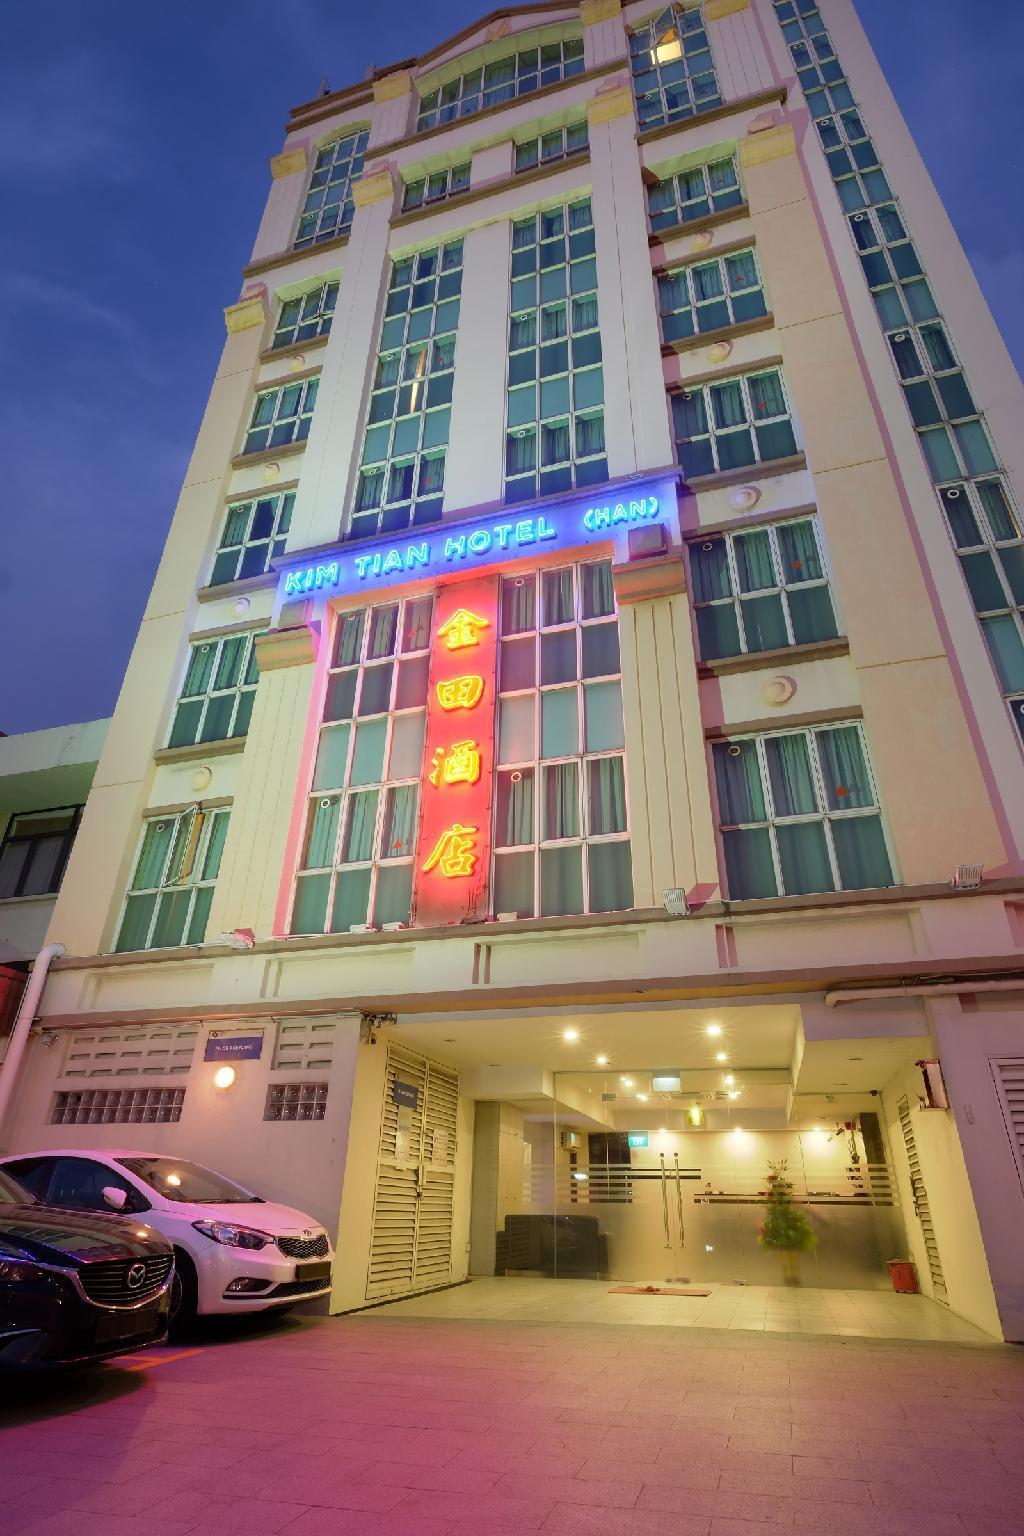 Kim Tian Hotel (Han)